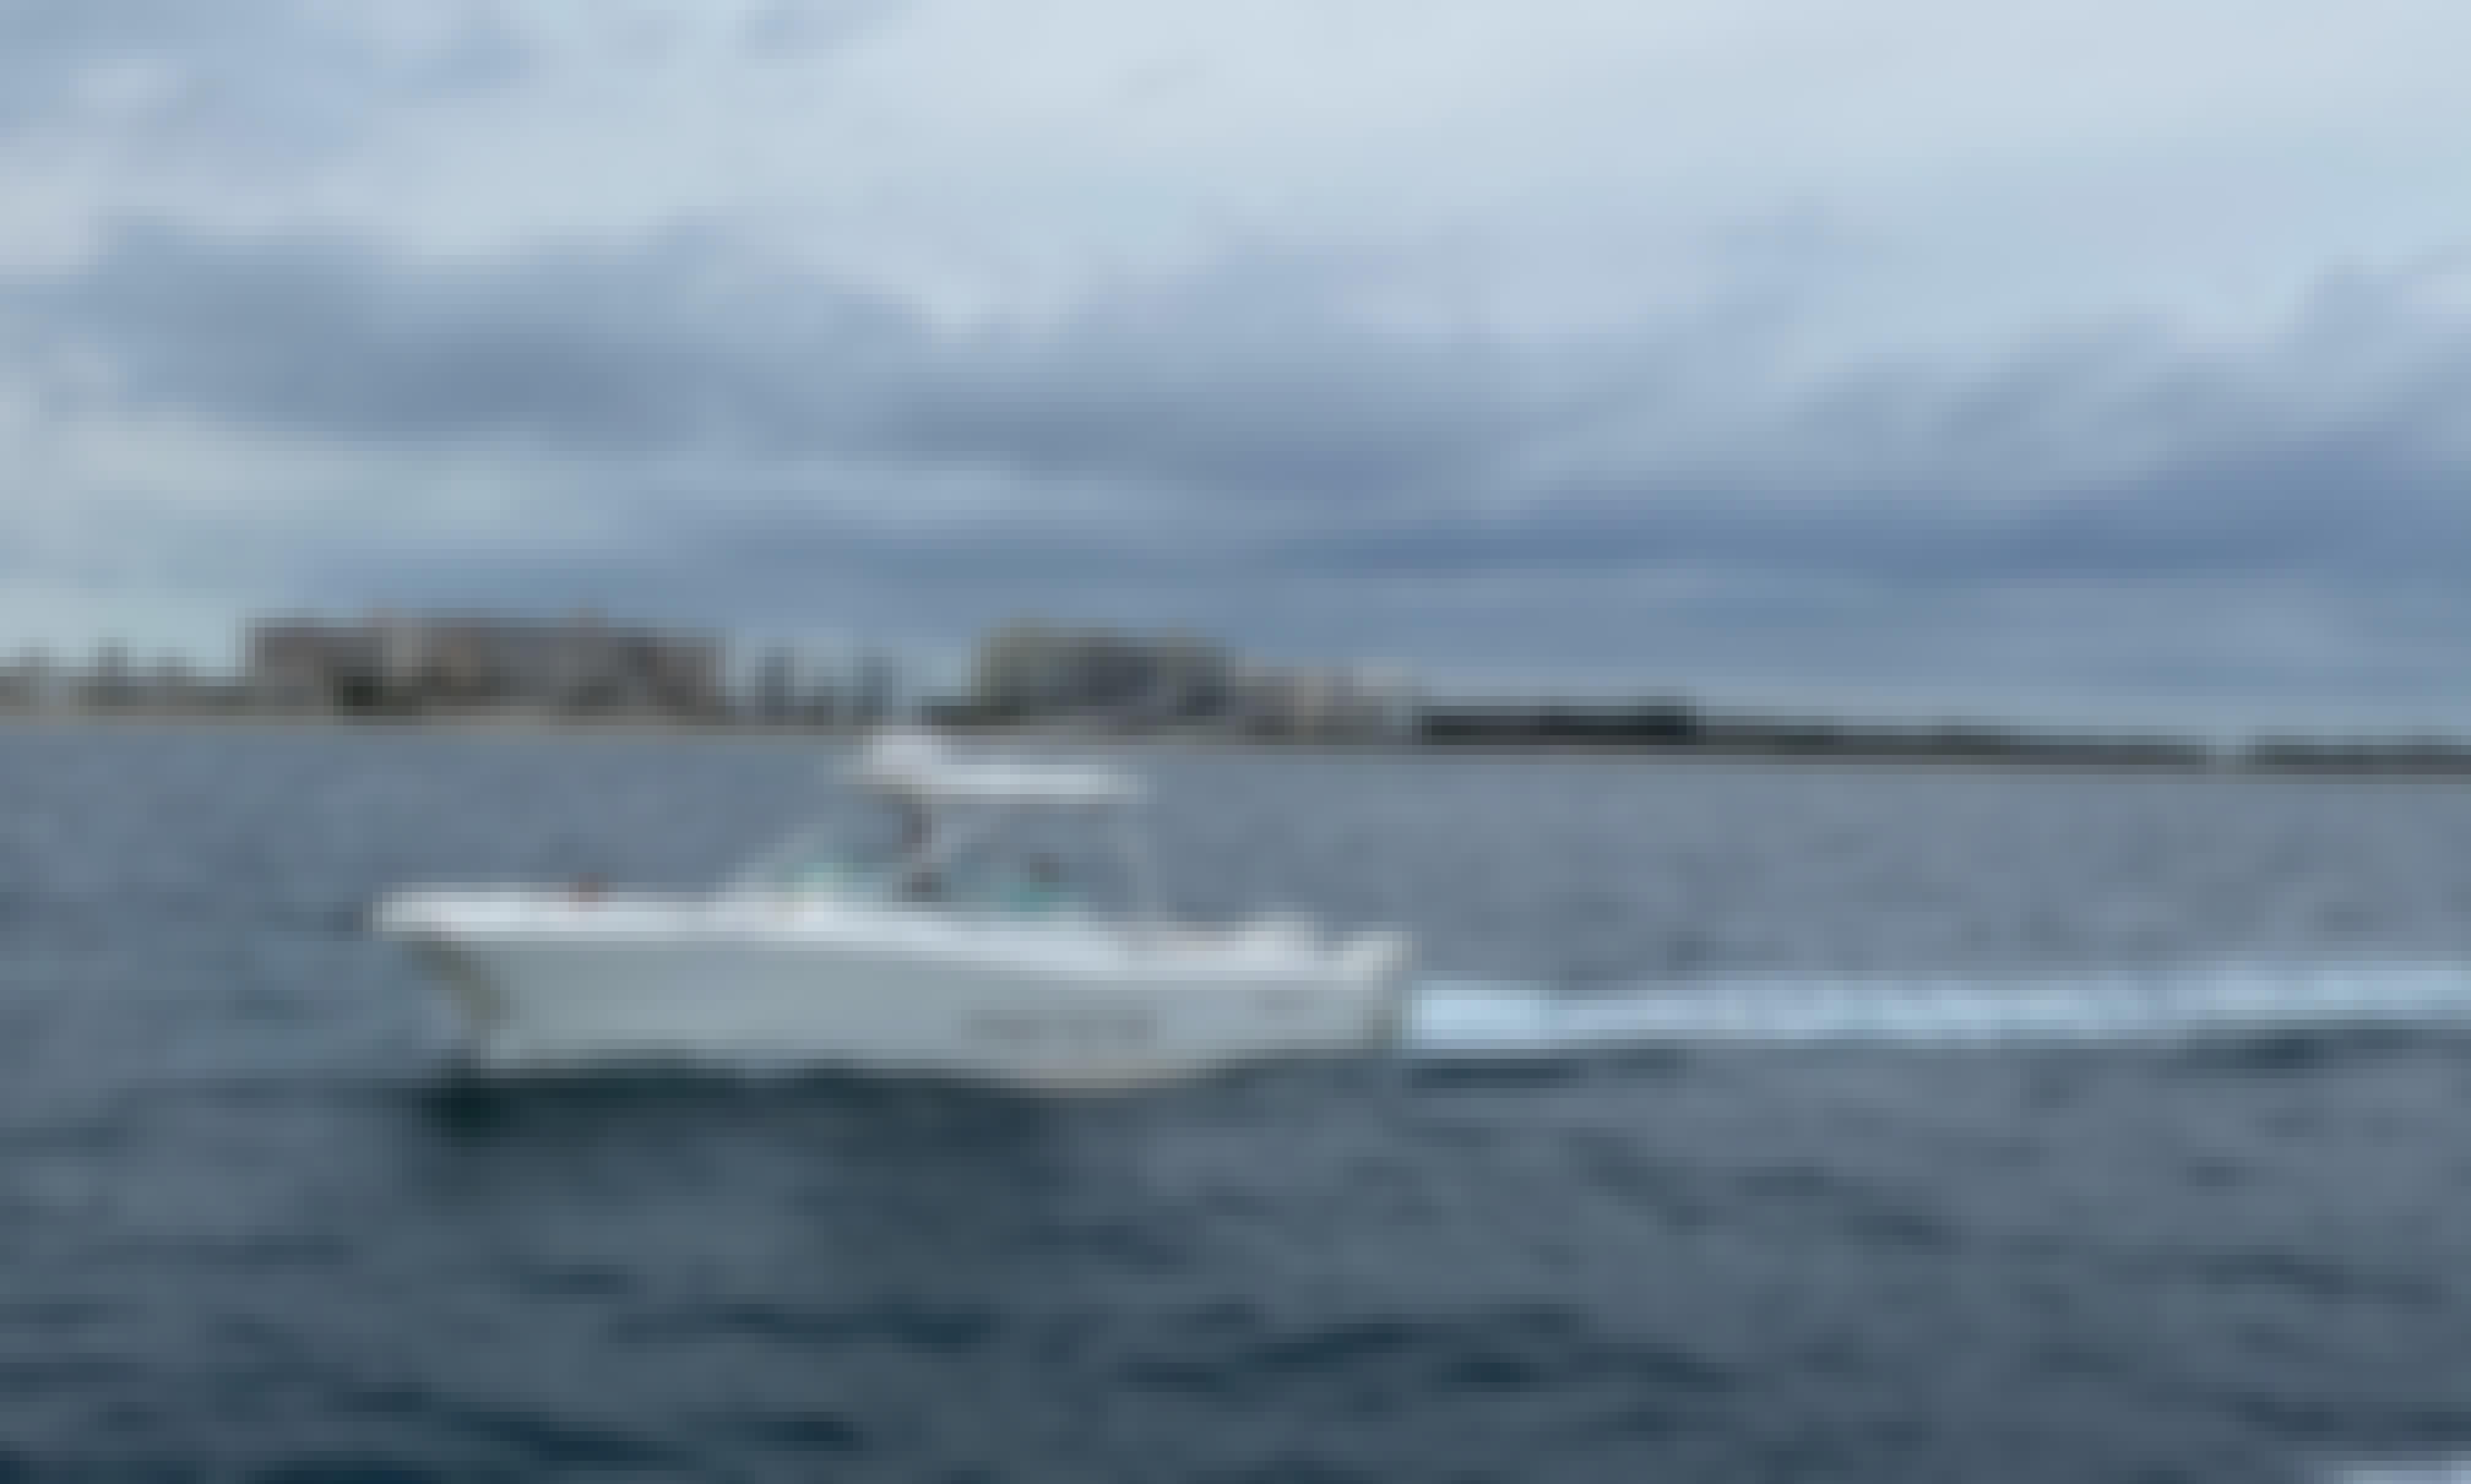 World Cat 290 DC Boat in Miami